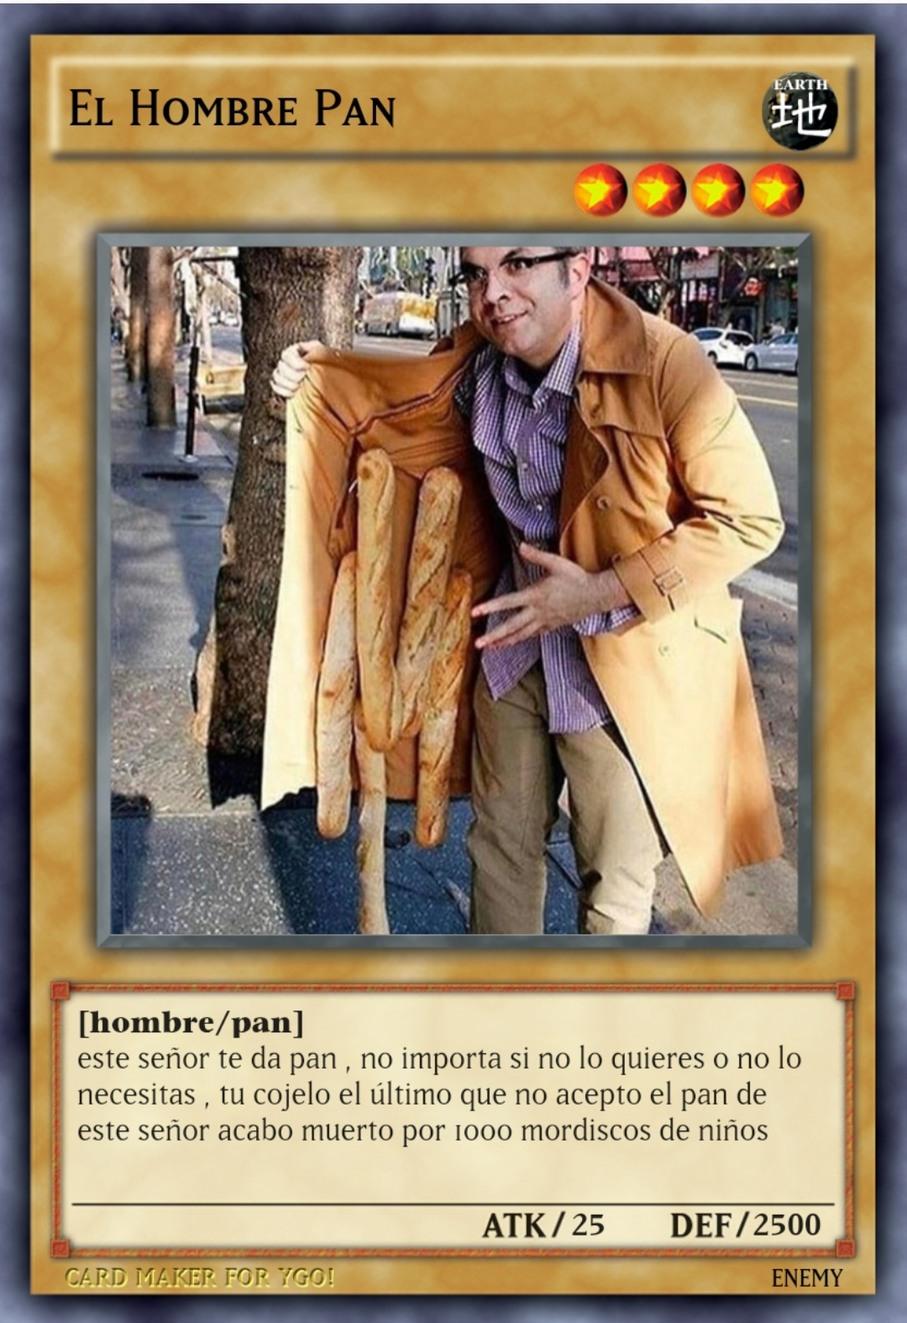 El hombre pan - meme